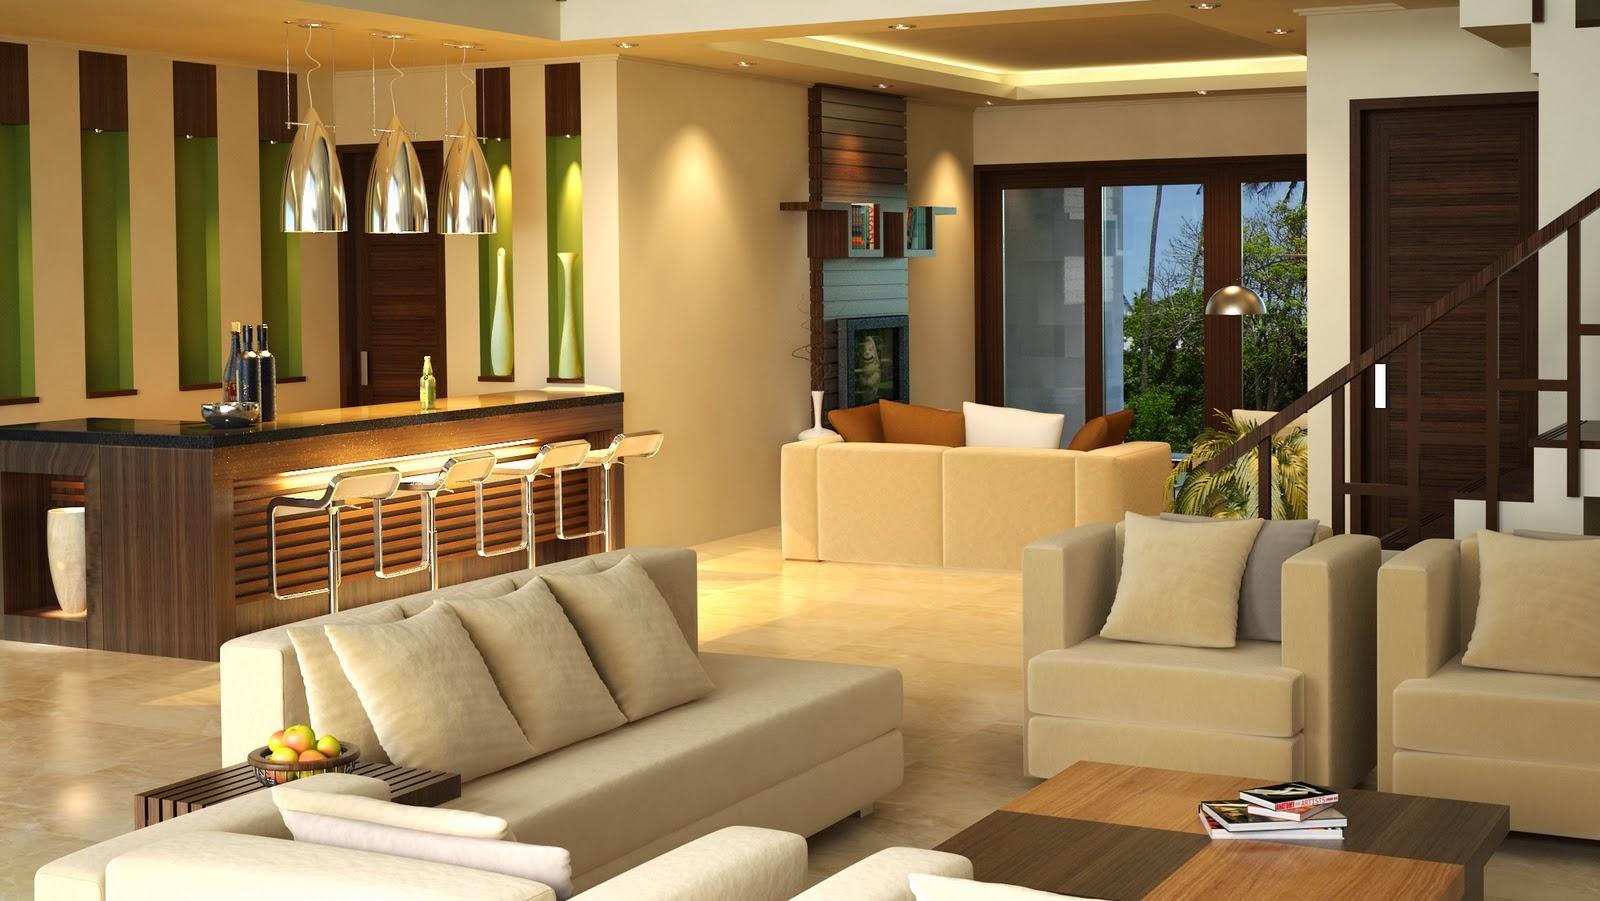 68 Desain Ruangan Rumah Minimalis Sederhana Desain Rumah